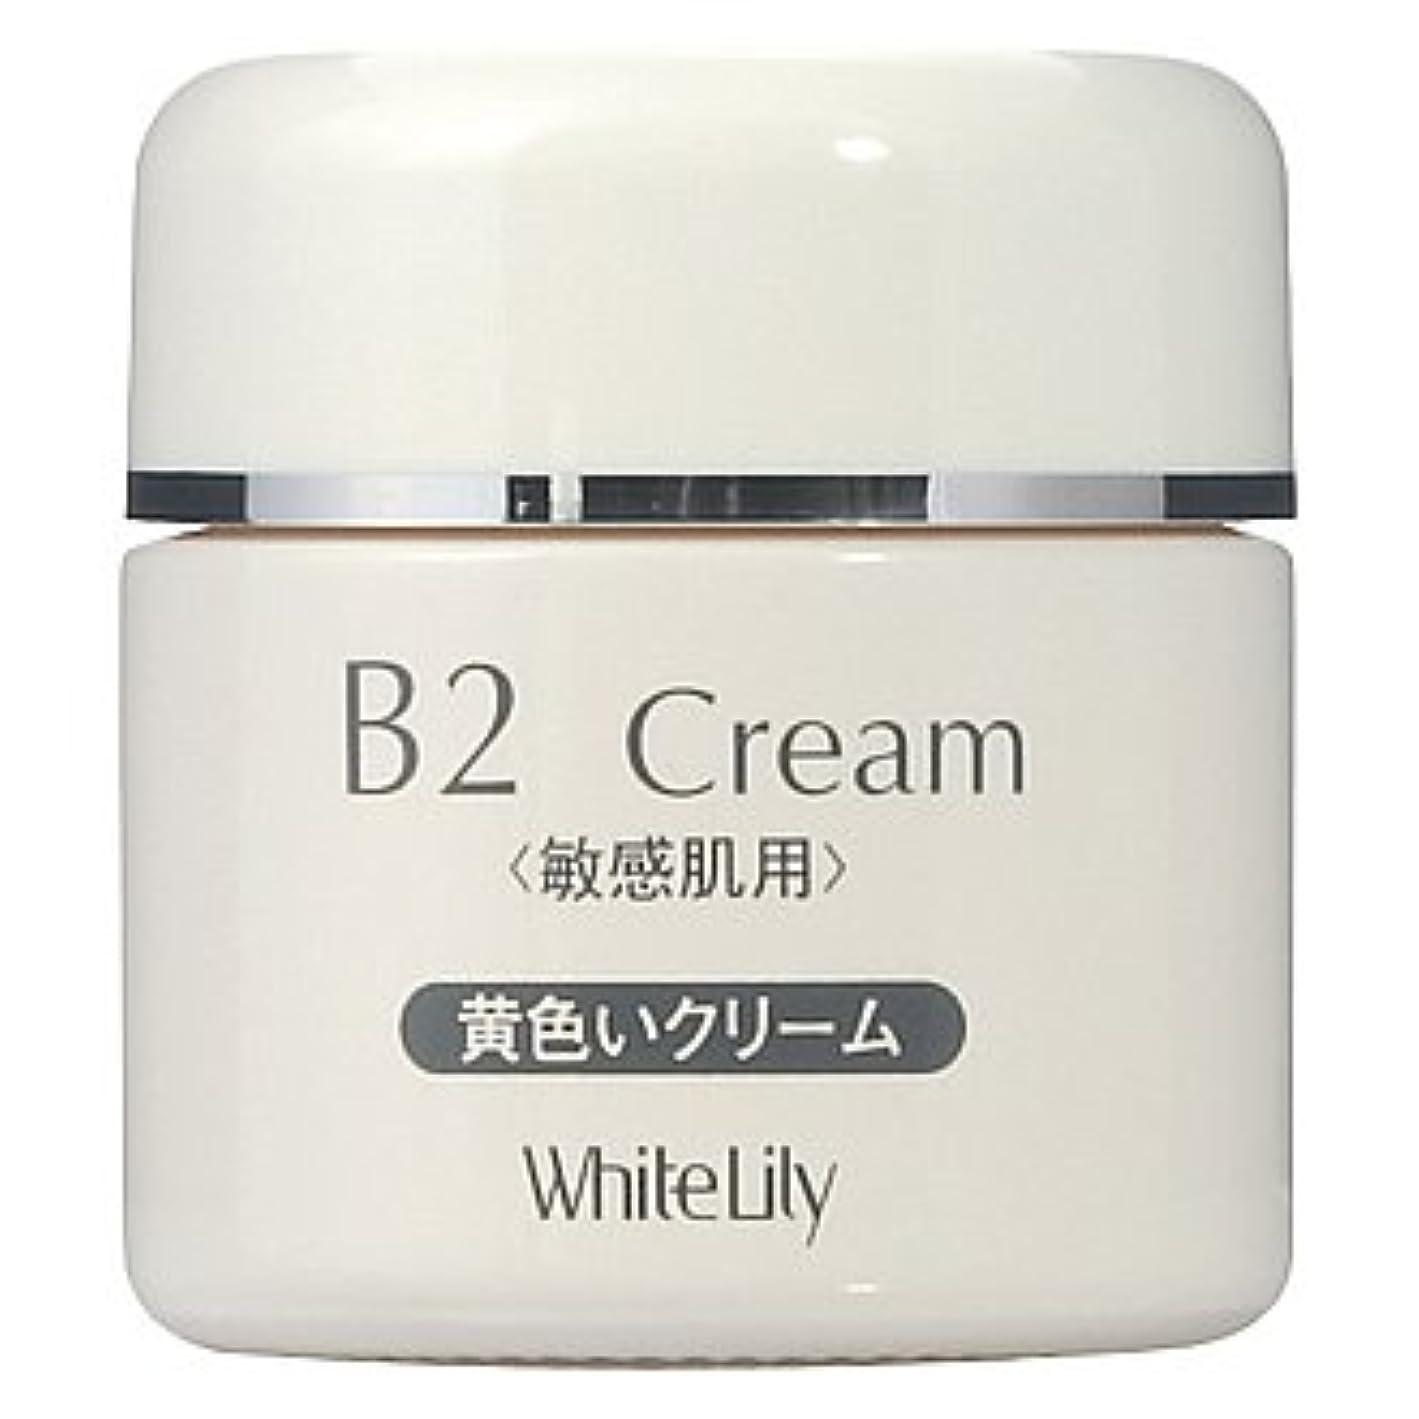 貫通する風邪をひく差ホワイトリリー B2クリーム ボトル40g クリーム